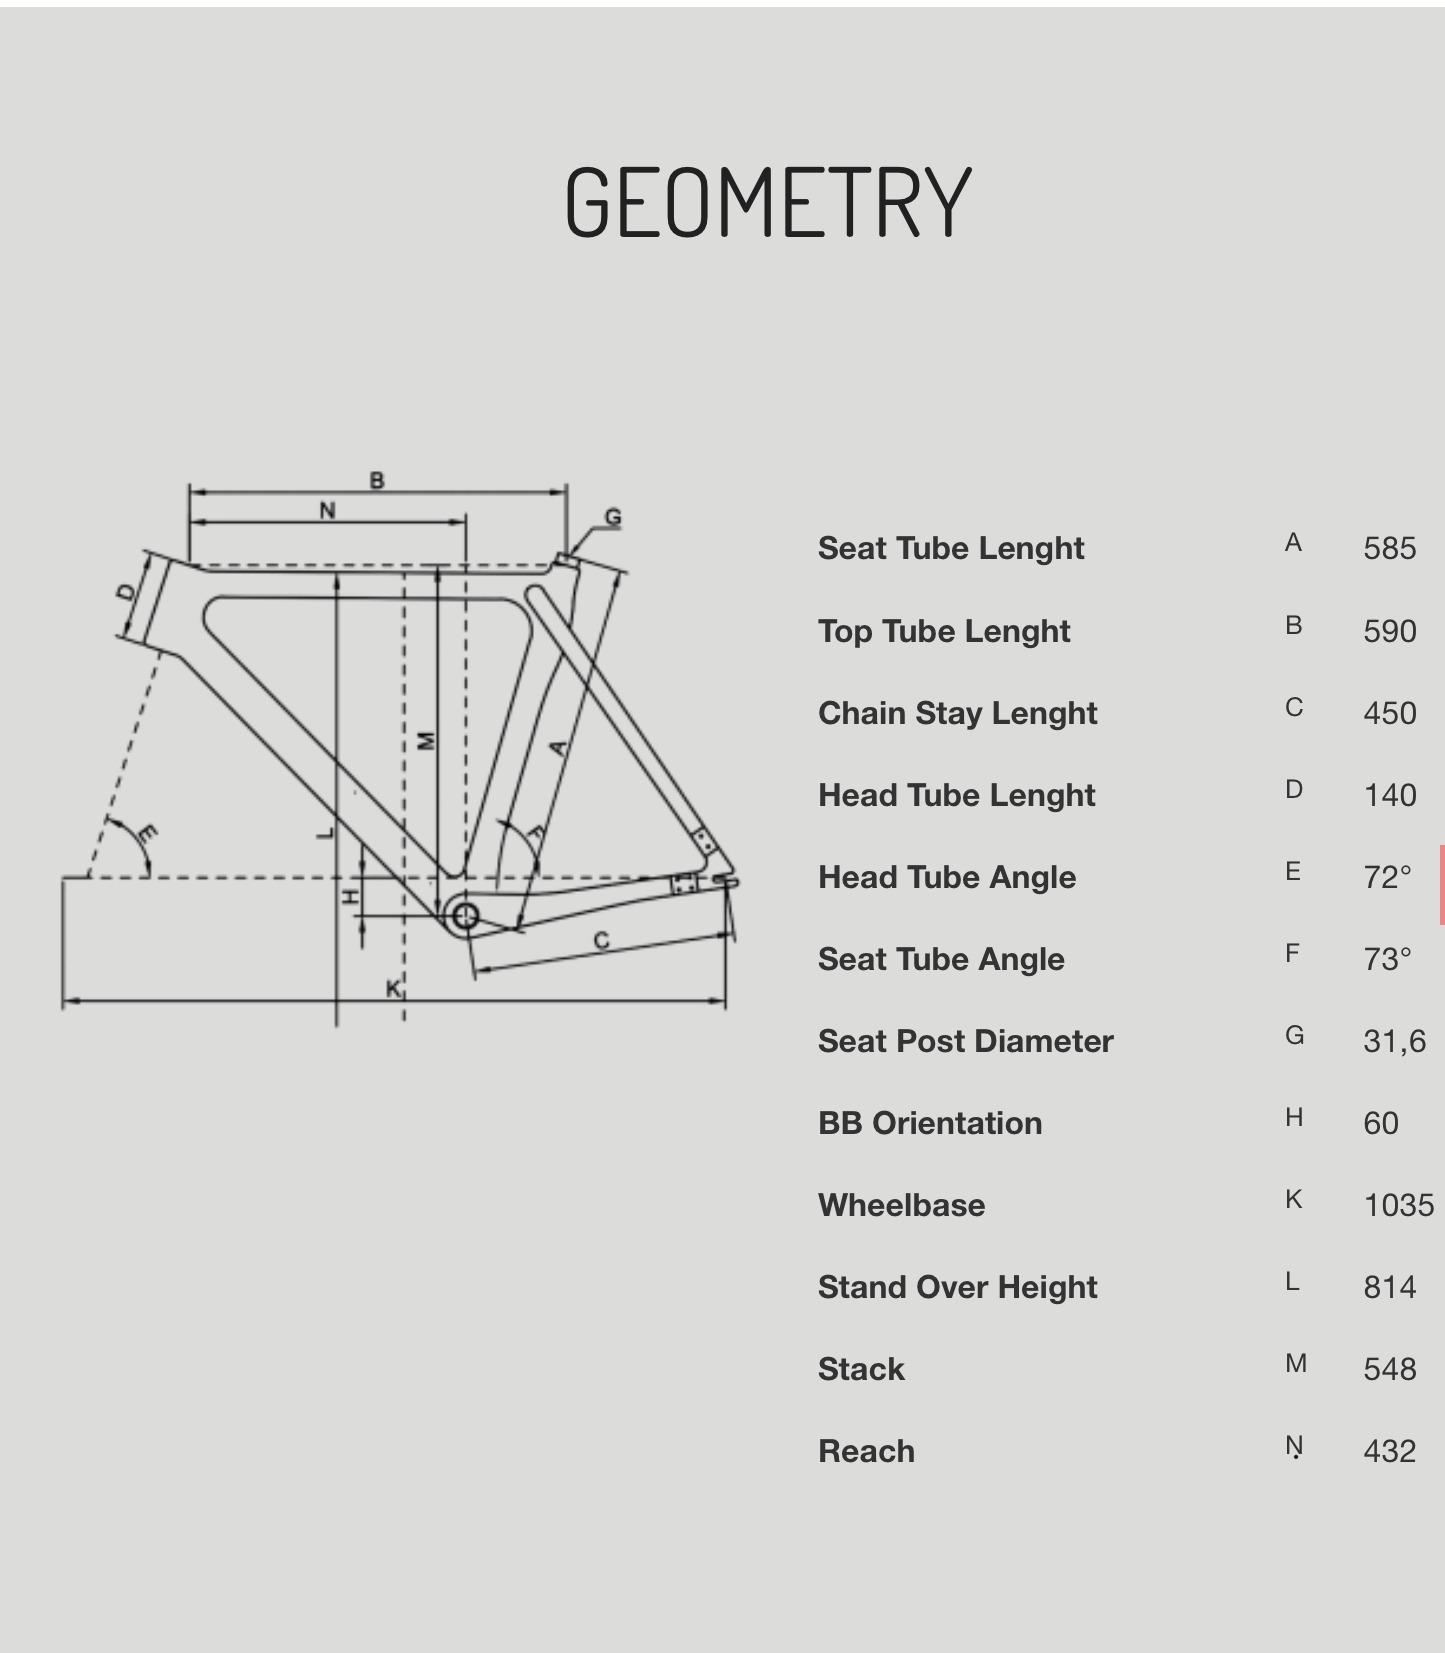 Wooden bike geometry